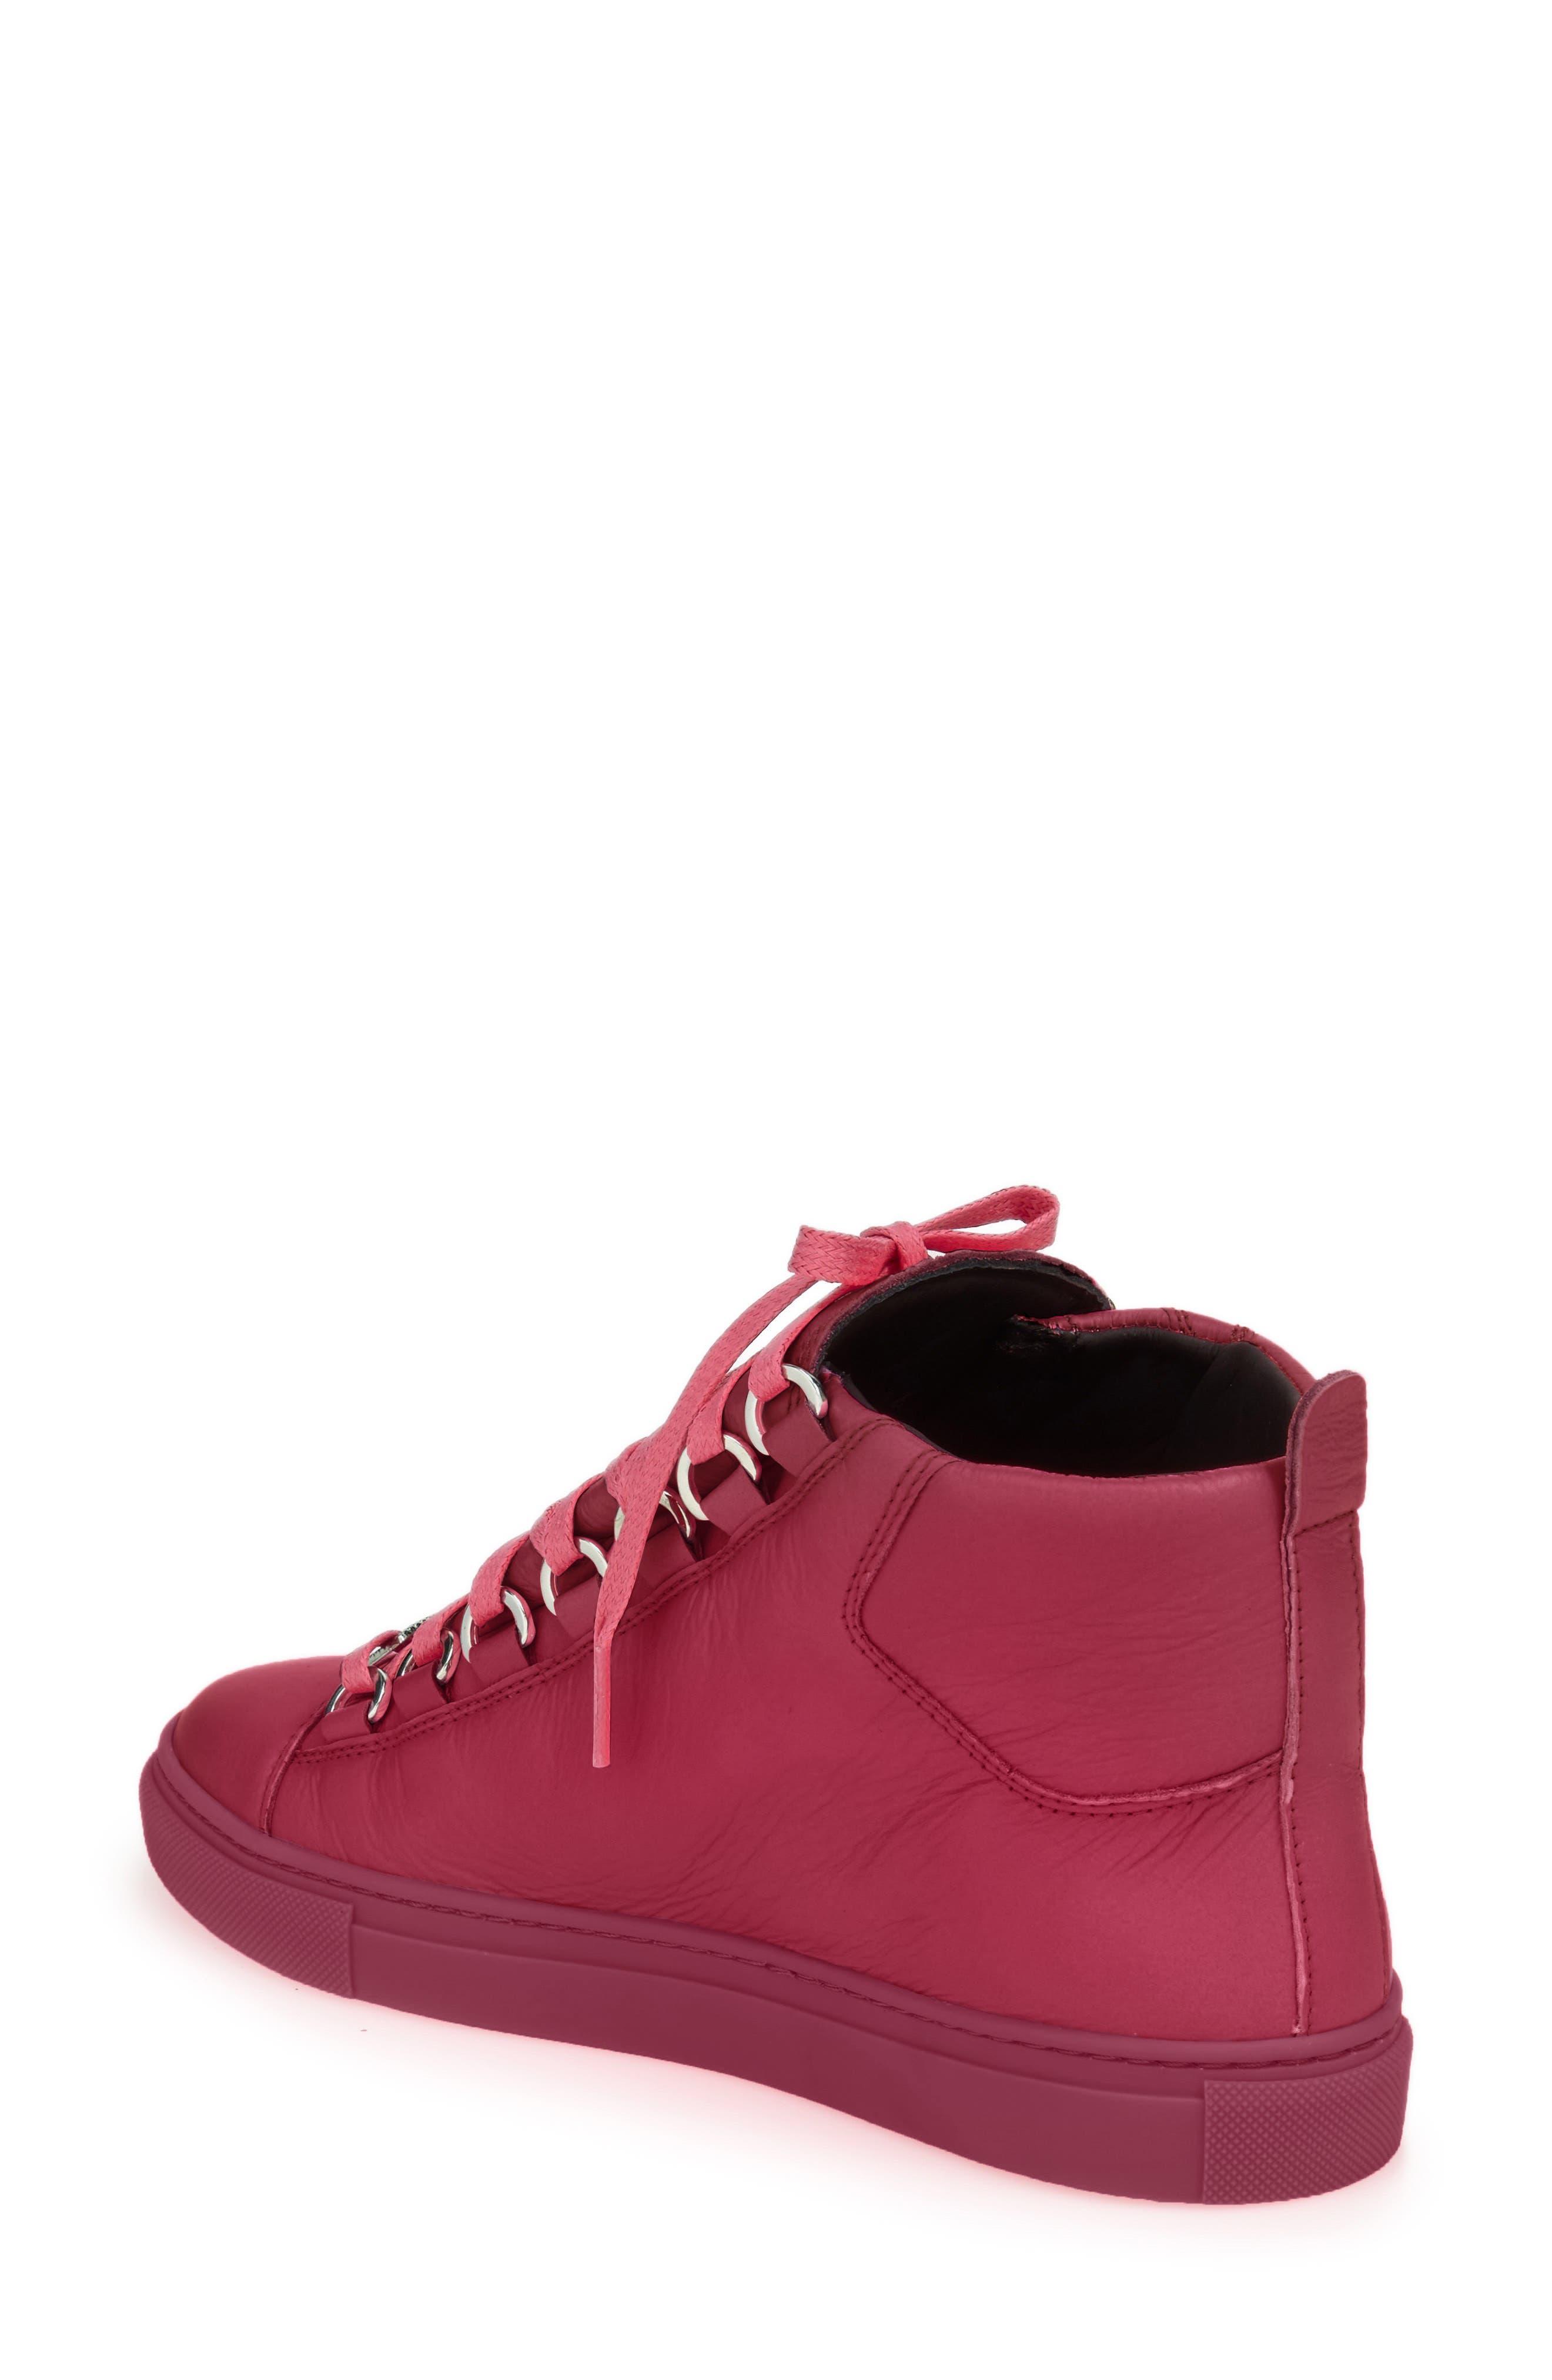 Alternate Image 2  - Balenciaga High Top Sneaker (Women)